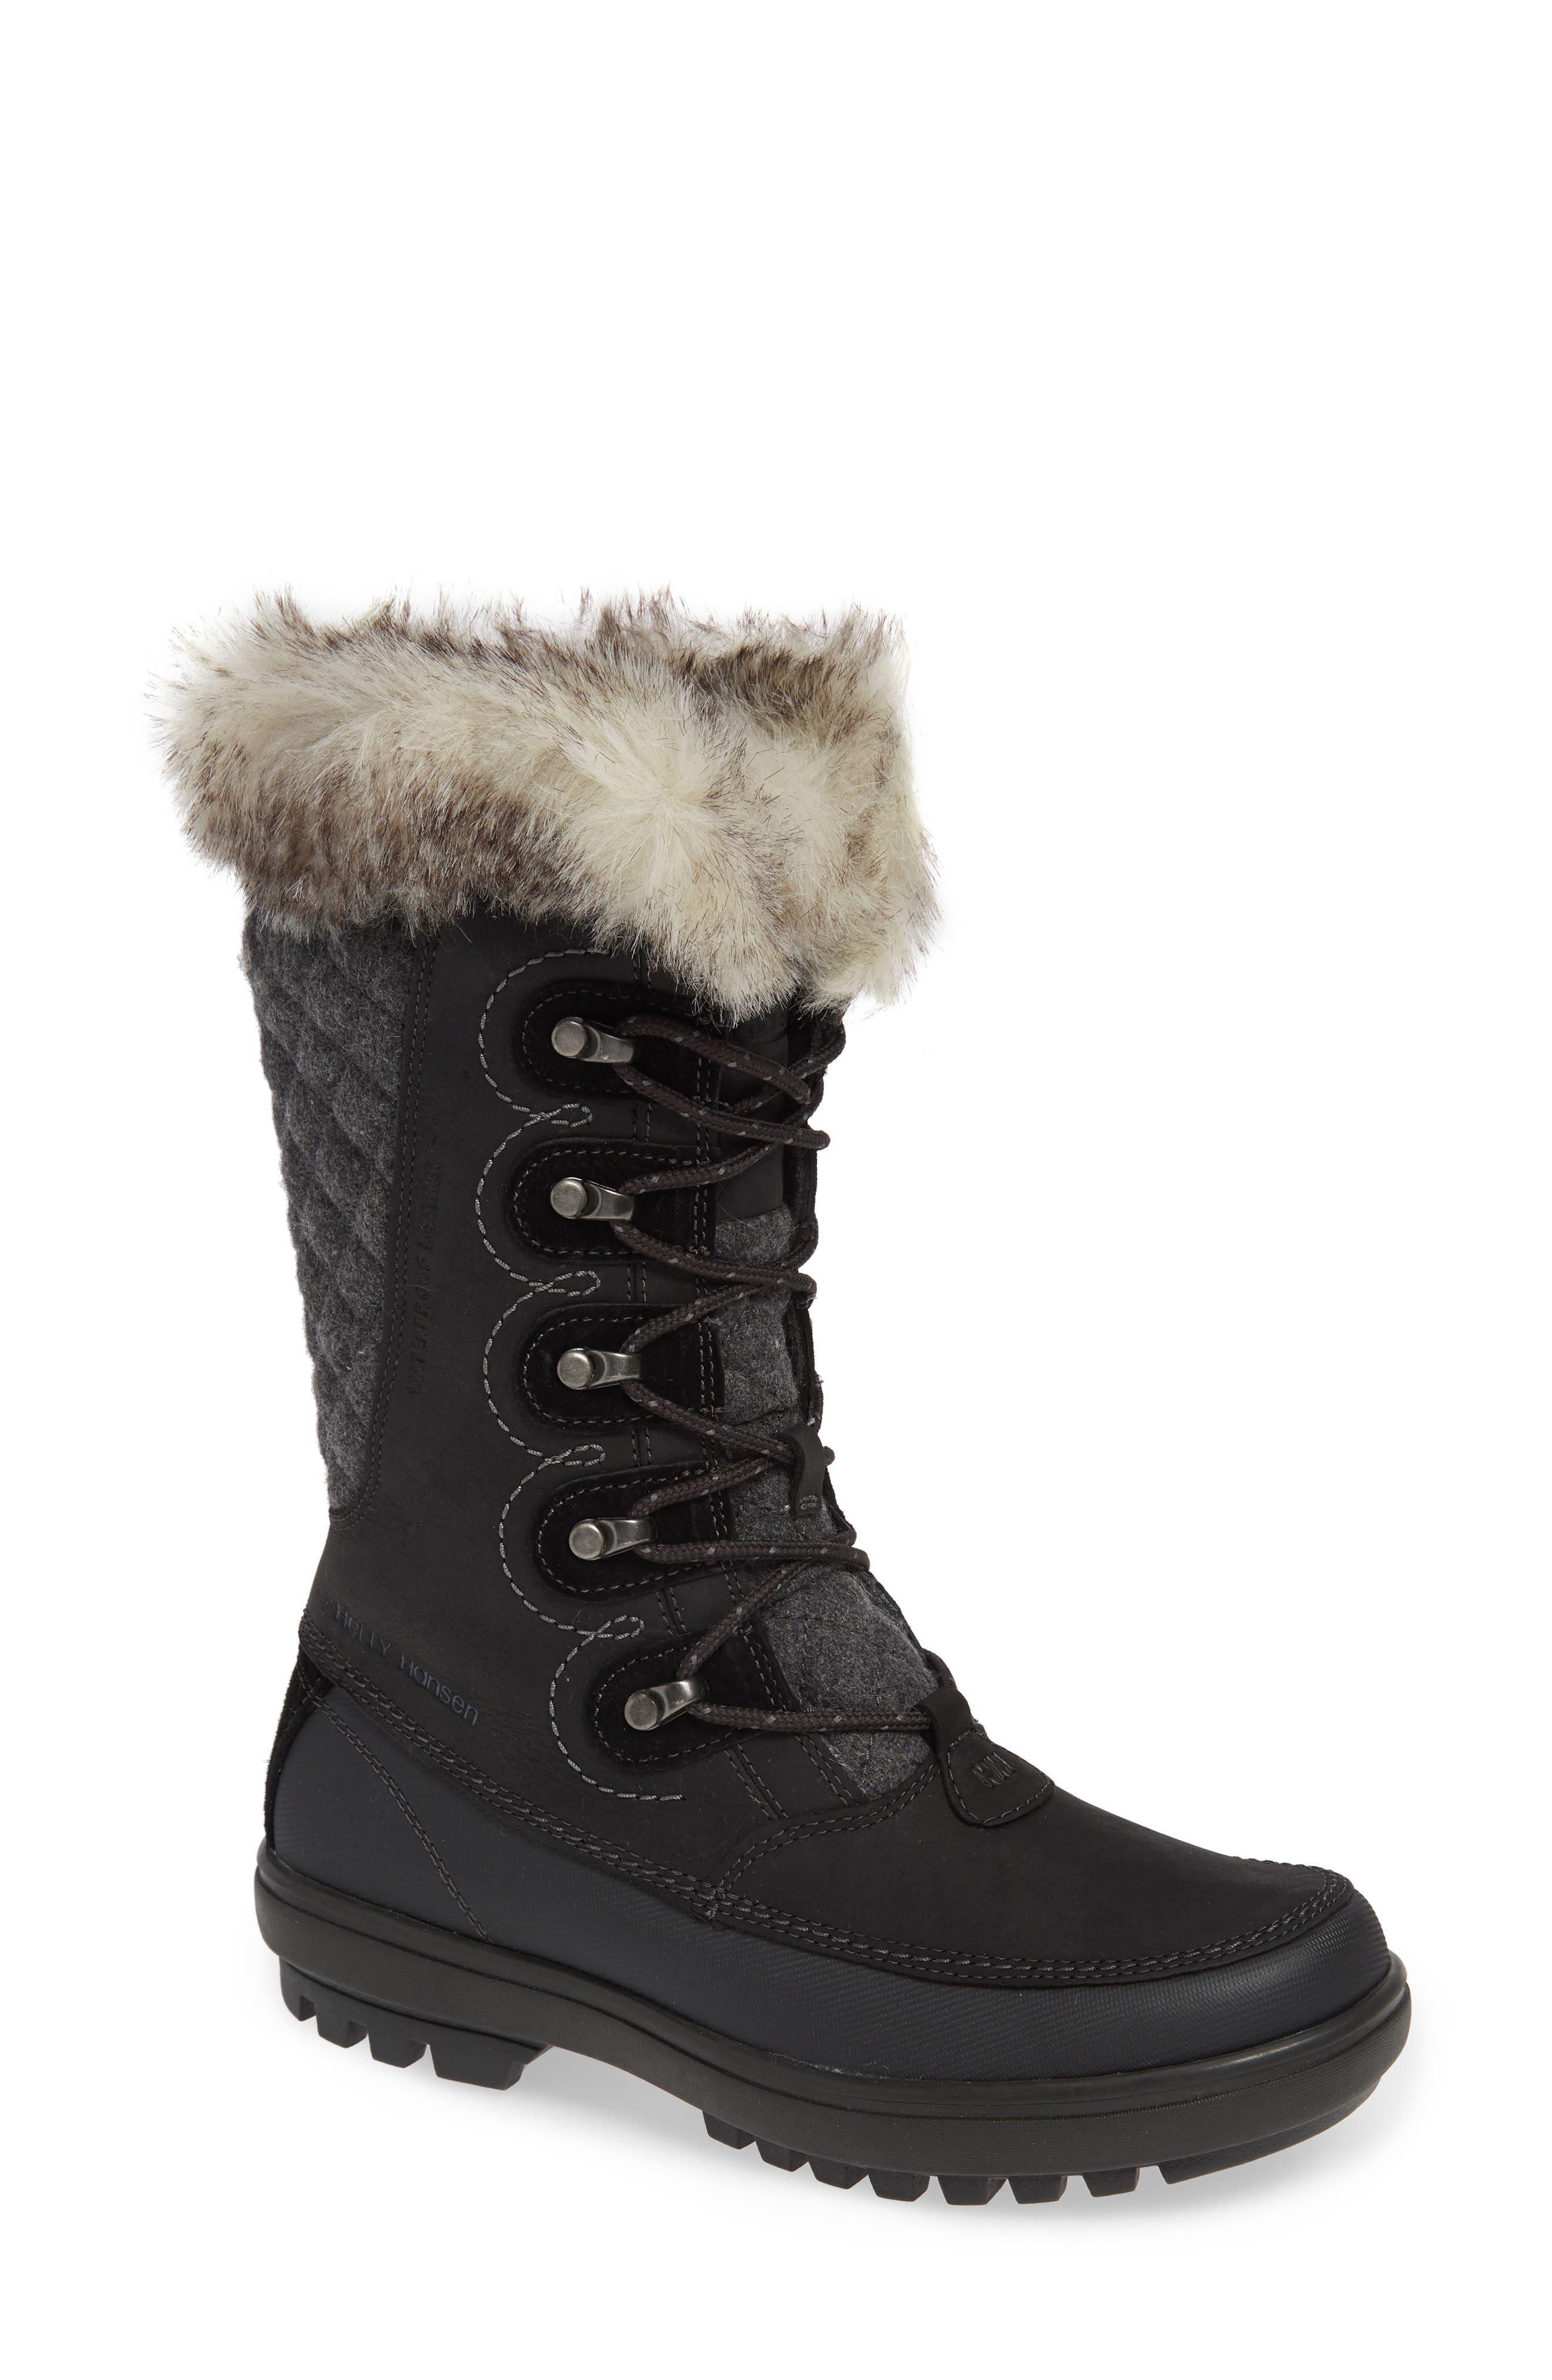 Helly Hansen Garibaldi Waterproof Boot- Black